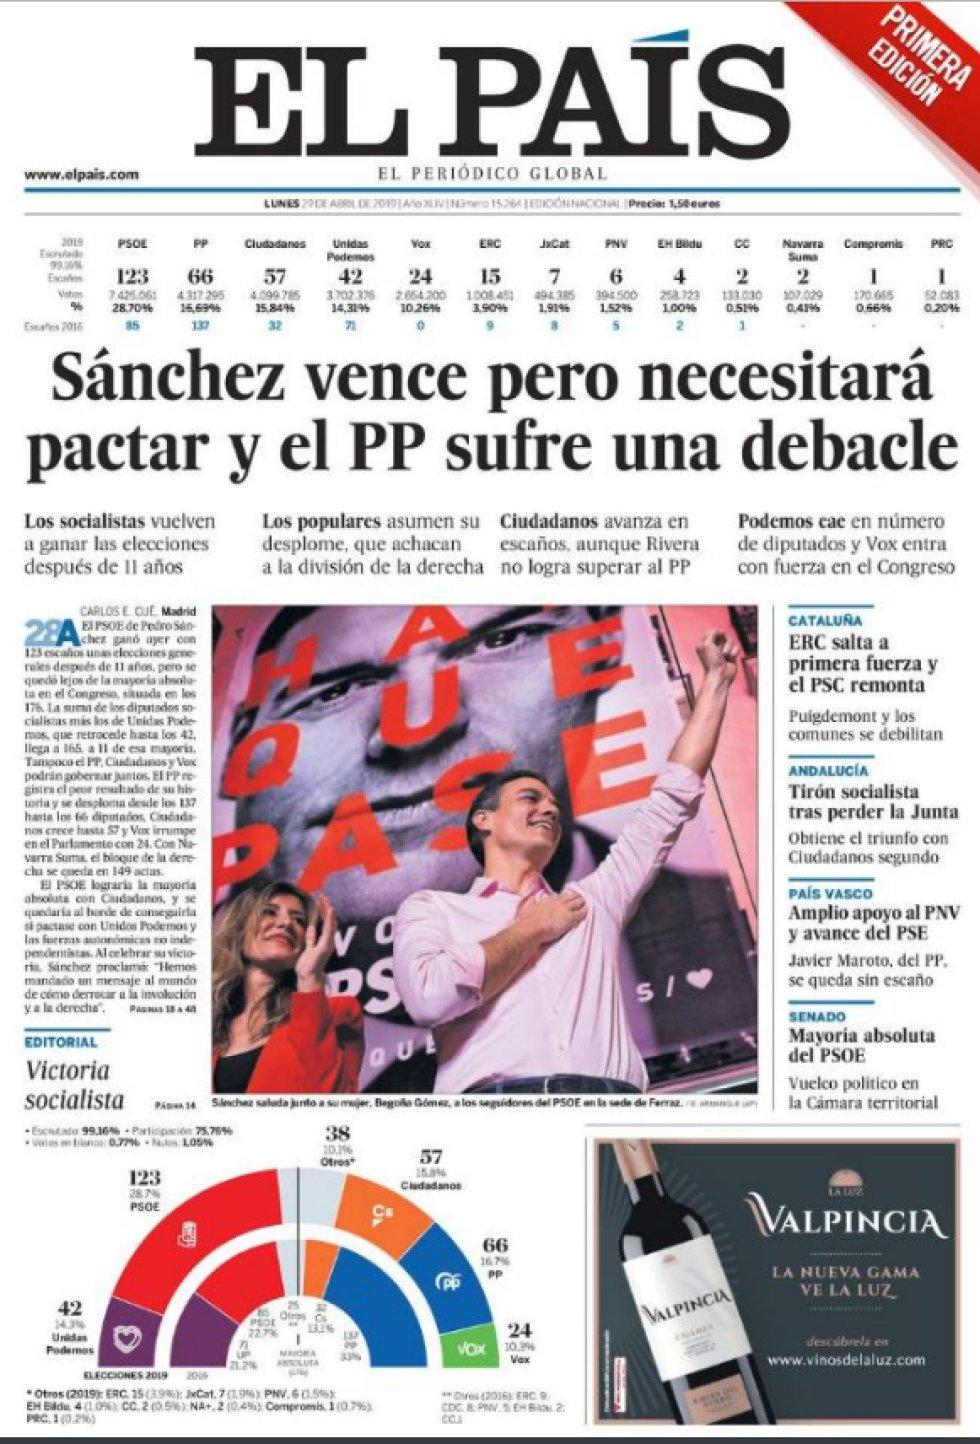 Así reflejan las portadas los resultados electorales tras el 28-A